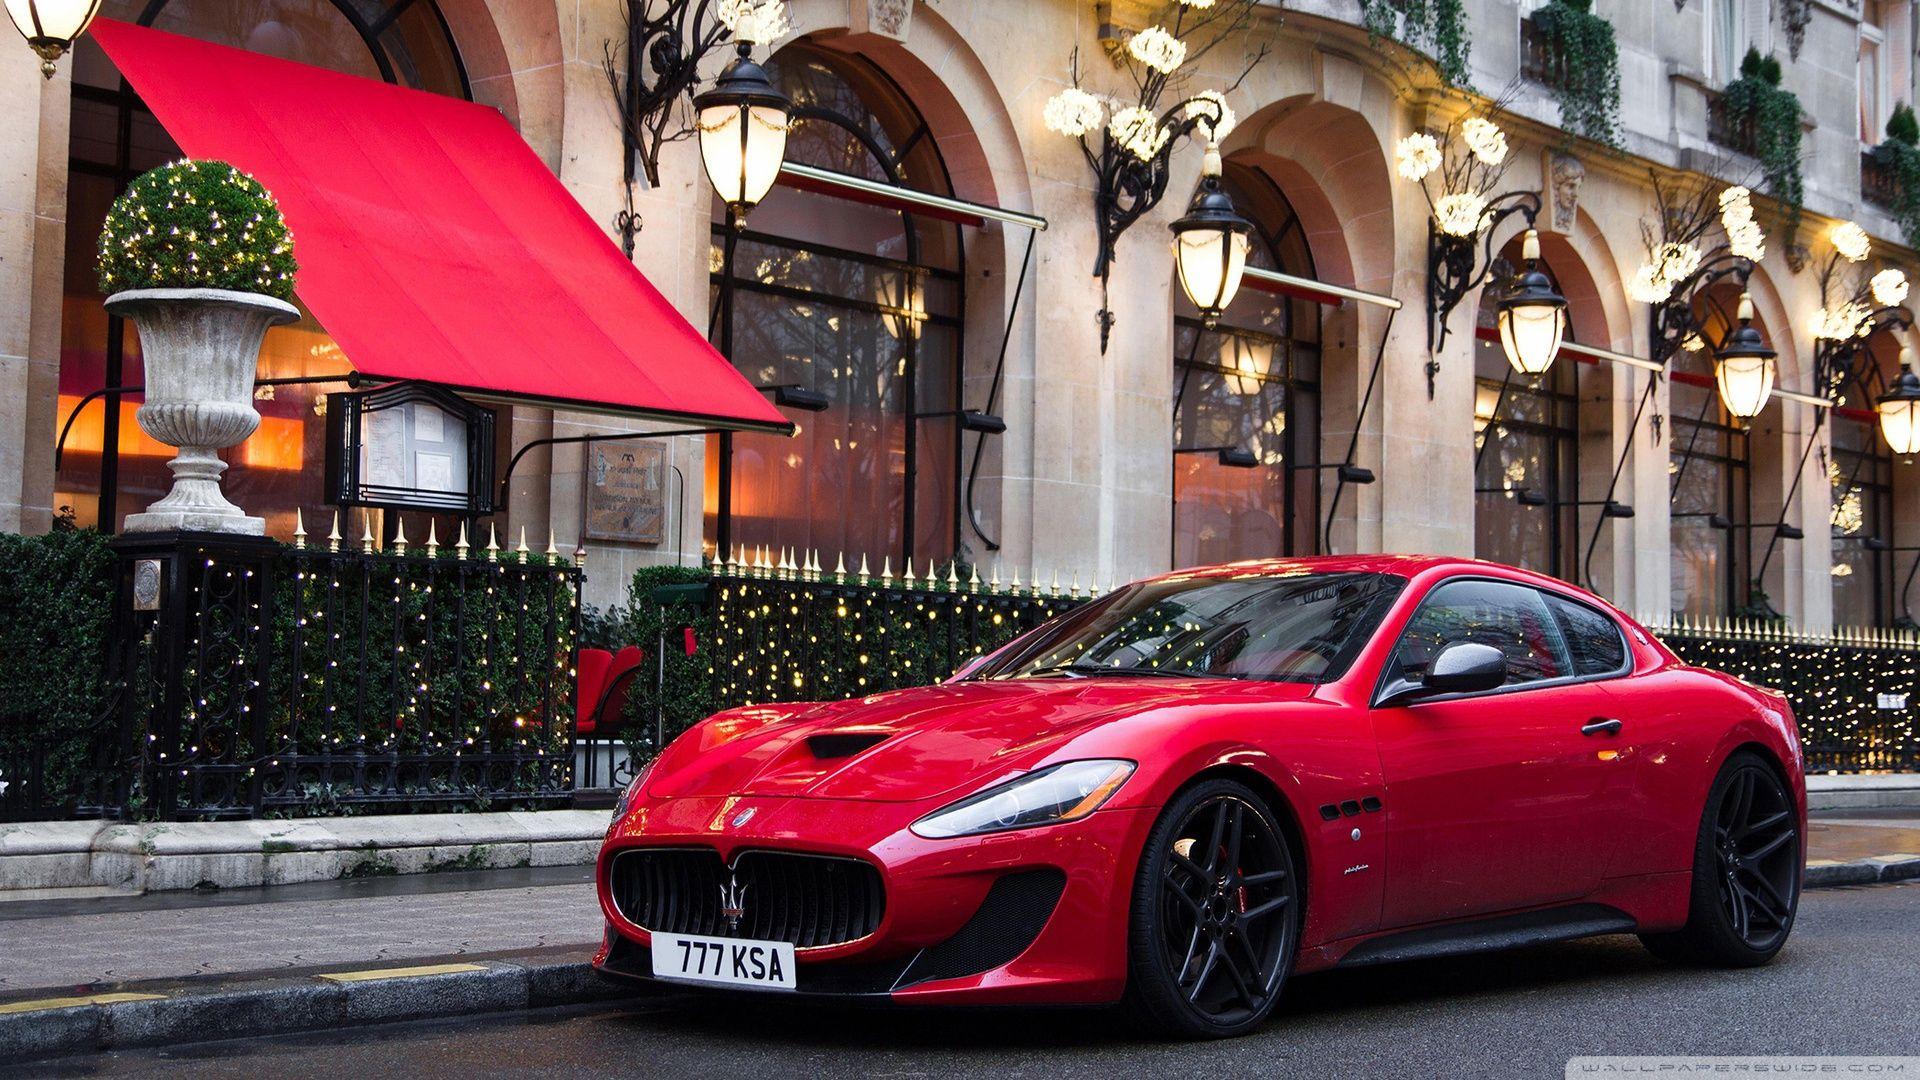 Maserati Red